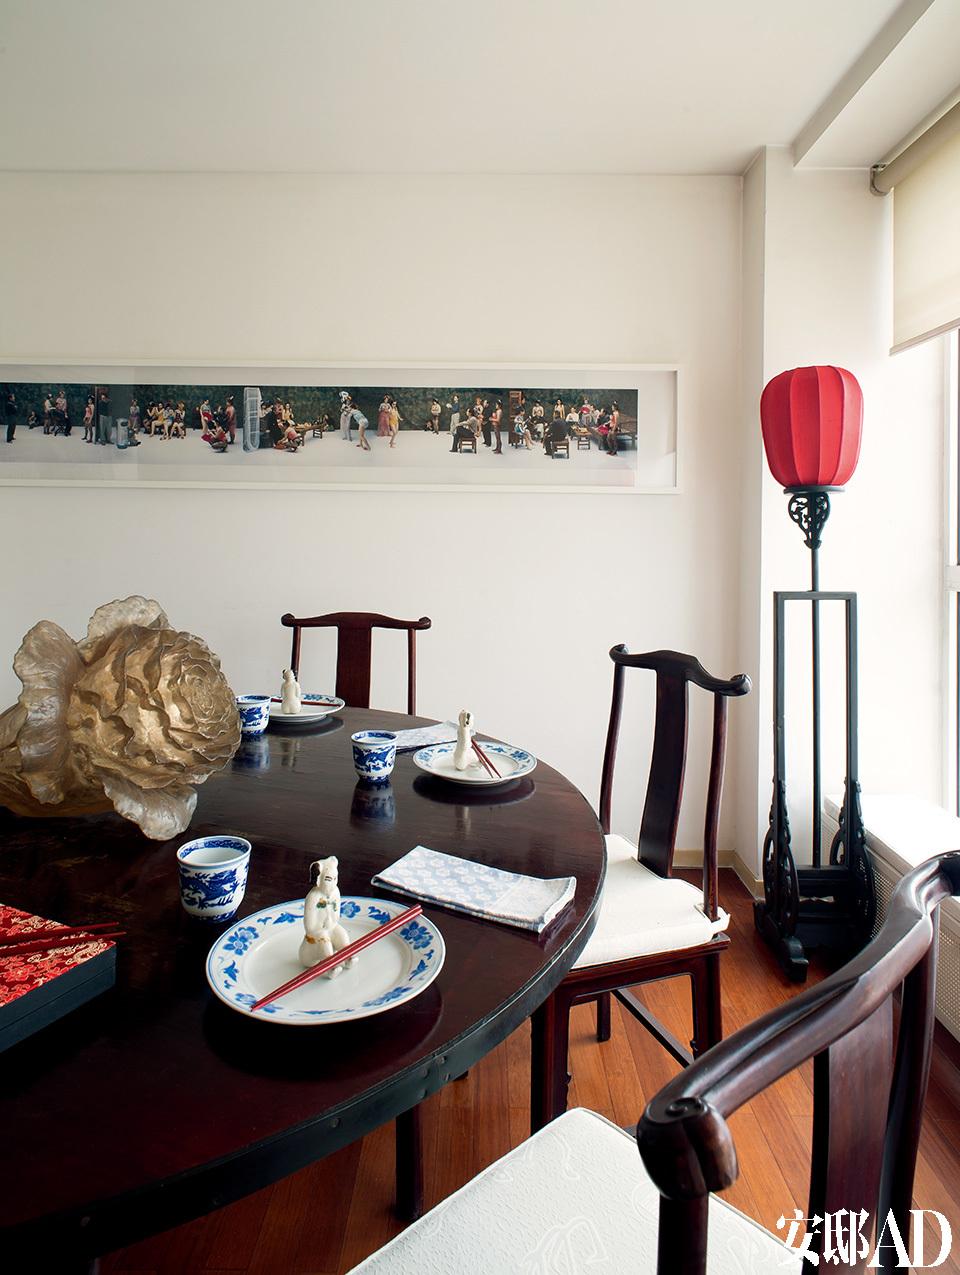 在这里享受一顿家宴,室内是玲珑精致的古色古香,窗外是高速公路的优美弧线,双重景致和着佳肴,令人沉醉。餐厅面积不算大,刚好放下这张圆形大餐桌,每当布置家宴,Sylvia从各处收来的古董小摆件就会派上用场。墙上的摄影作品由当代摄影艺术家王庆松创作于2000年,每一个场景里都有艺术家本人出镜。红灯笼落地灯购自朝外古董市场。